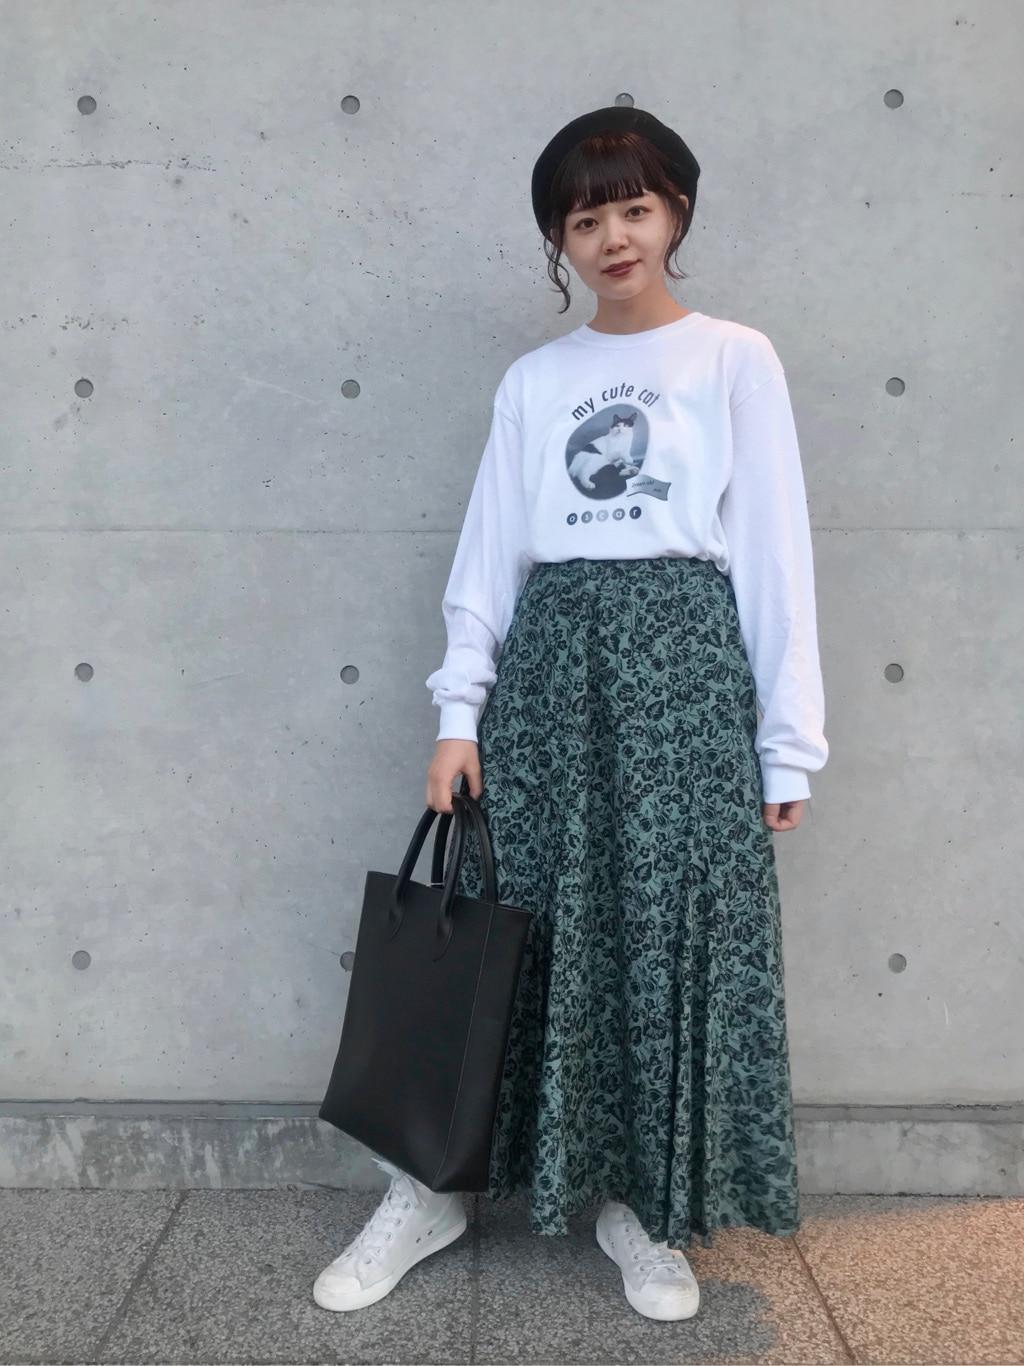 東京スカイツリータウン・ソラマチ 2020.09.12